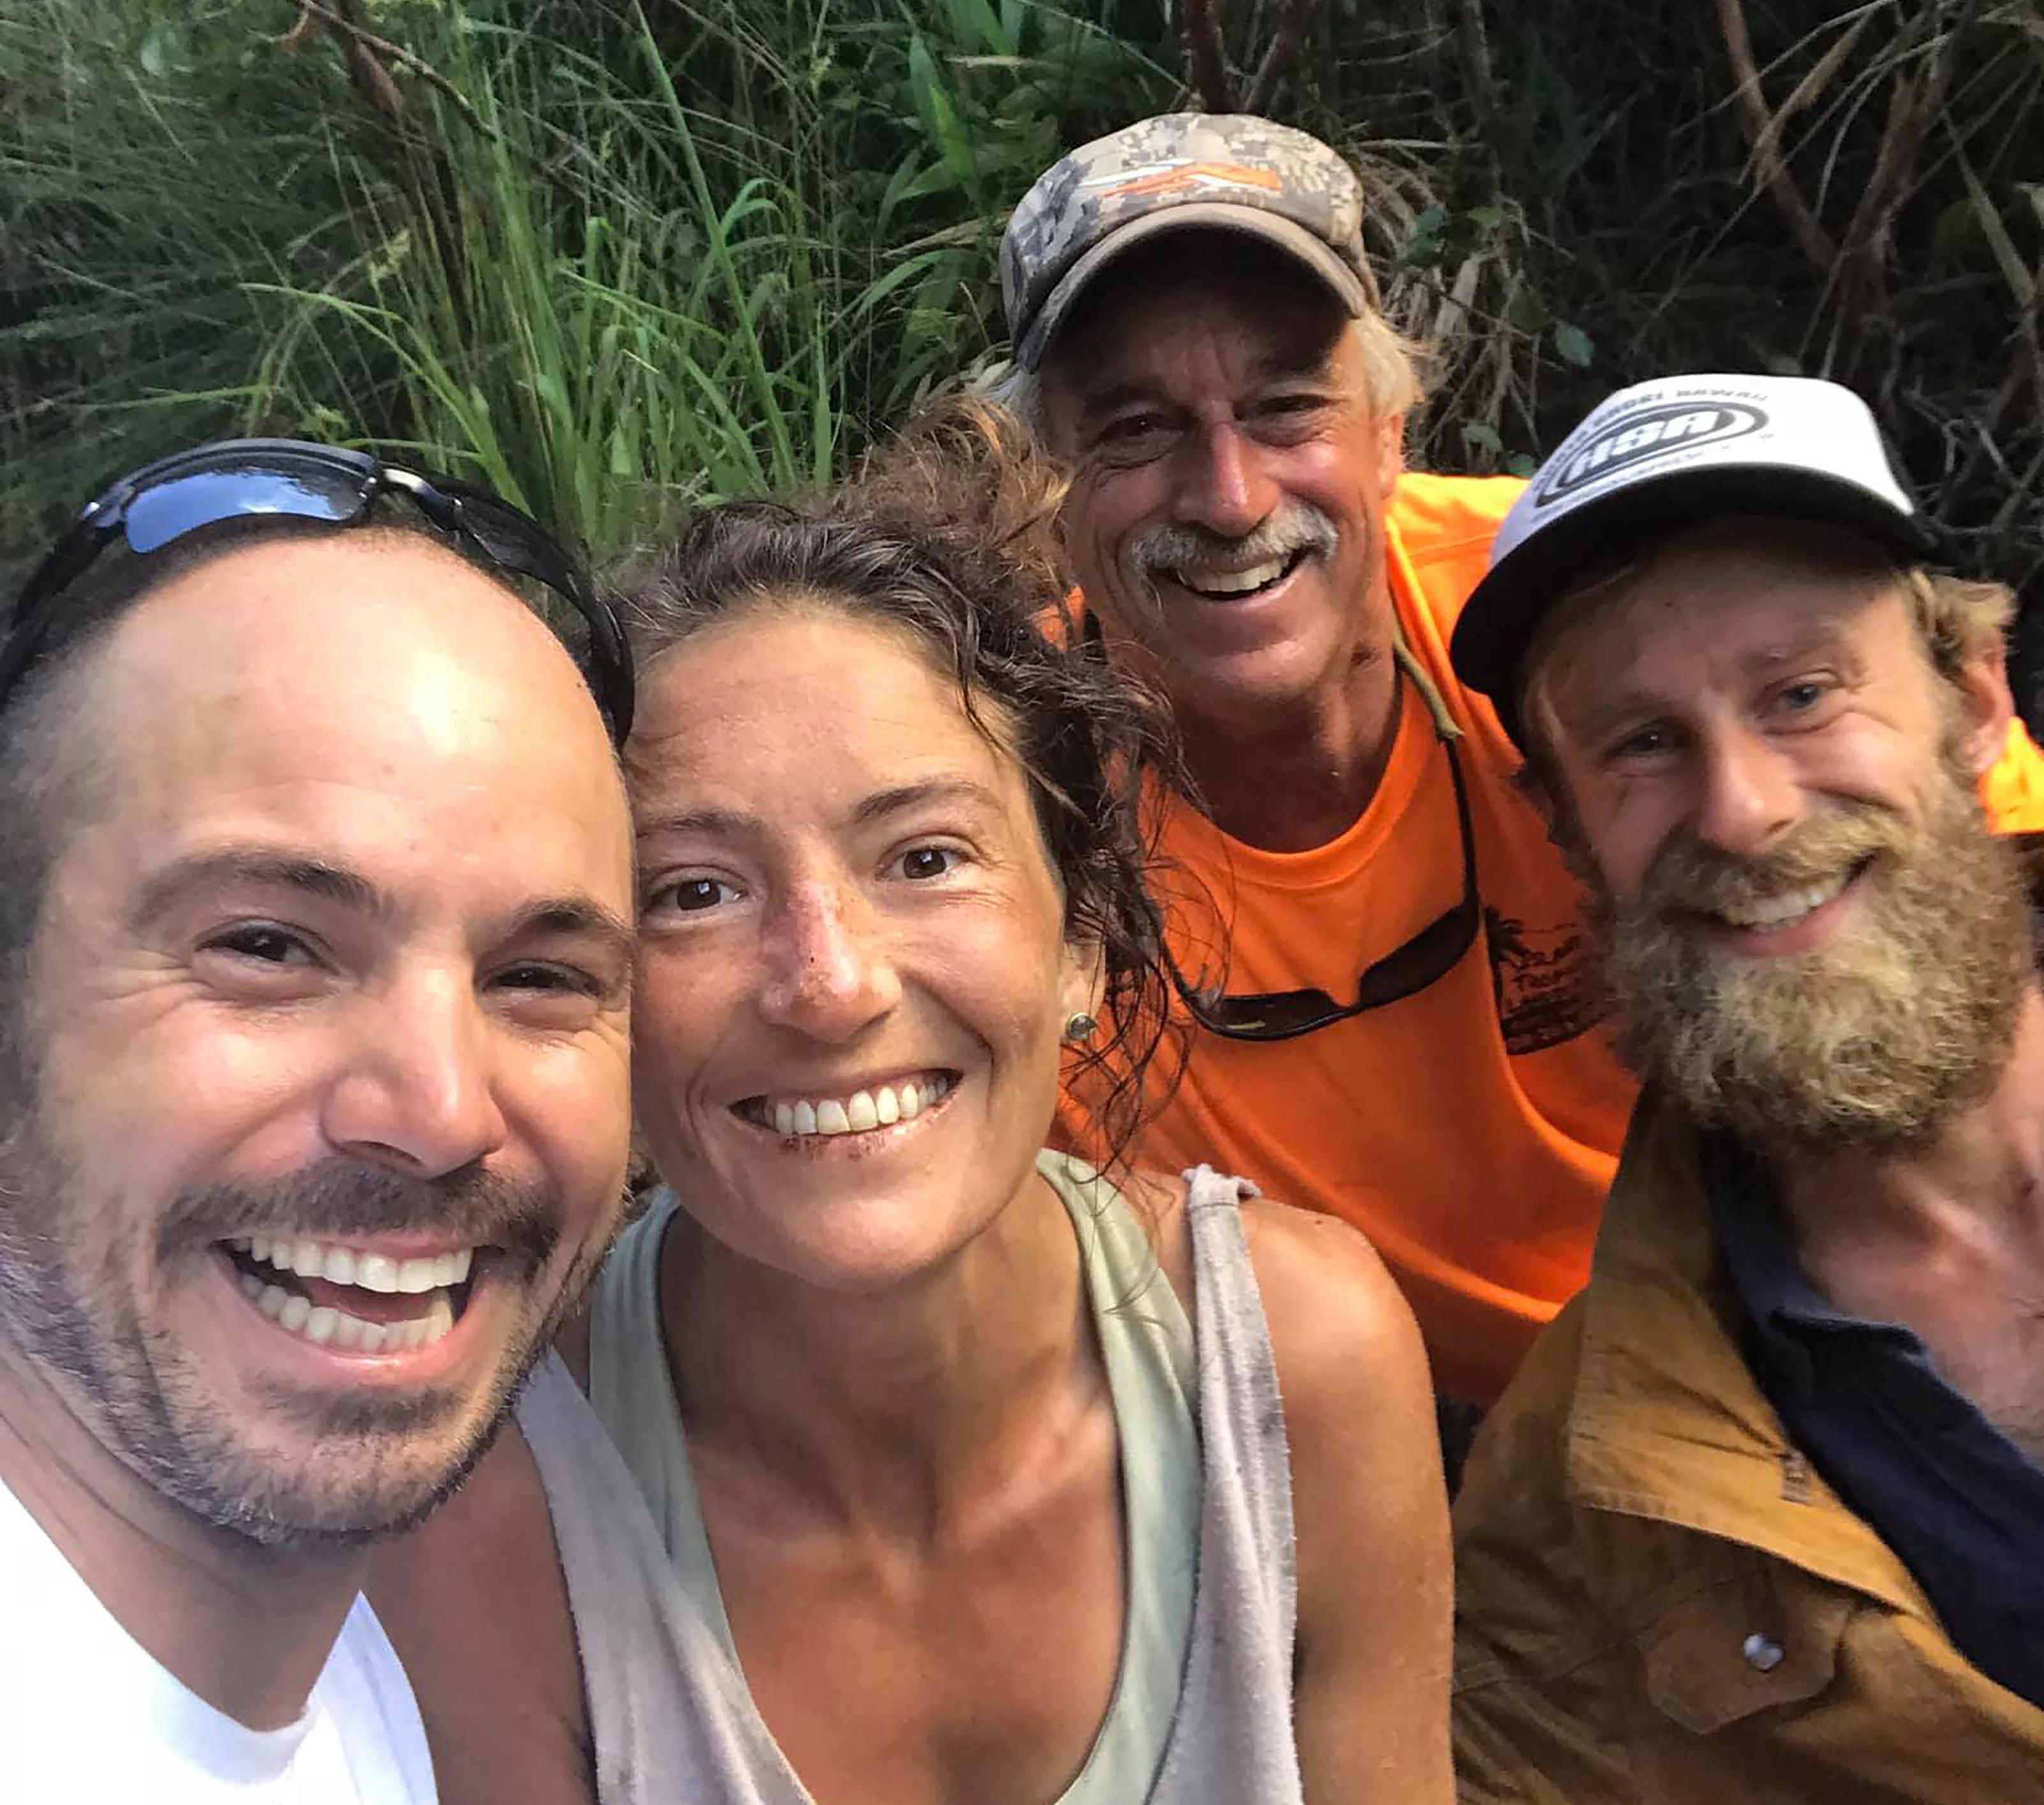 Lelki kiképzőtáborként élte meg 17 napi szenvedését a hawaii erdőkben elveszett nő